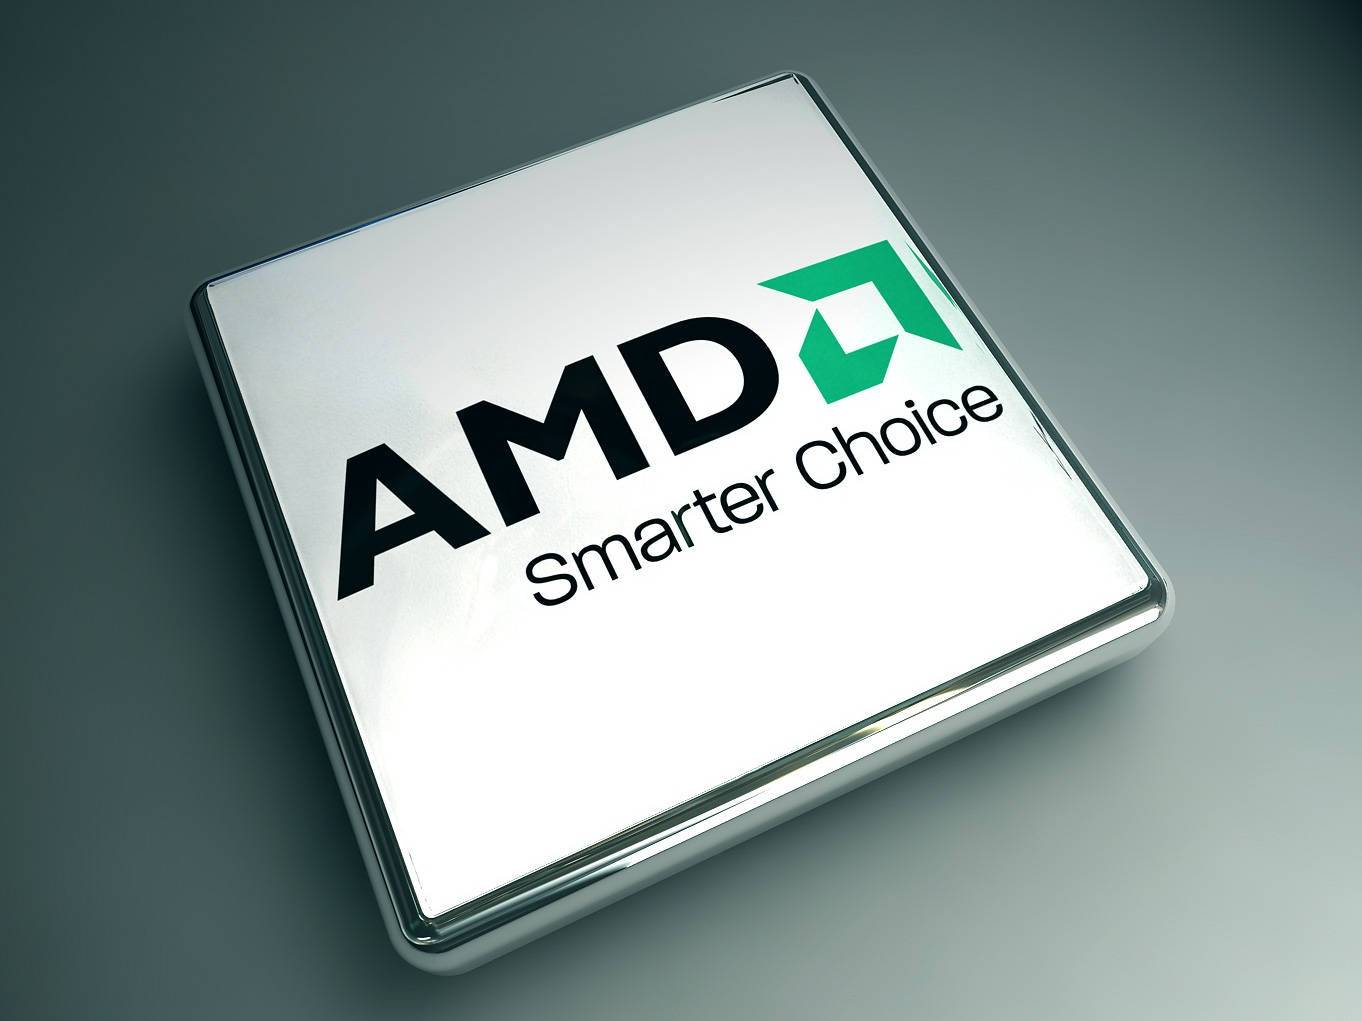 بعد ارتفاع الاسعار هل منصات AMD سوف تكون الاختيار الامثل فى السوق المصرى